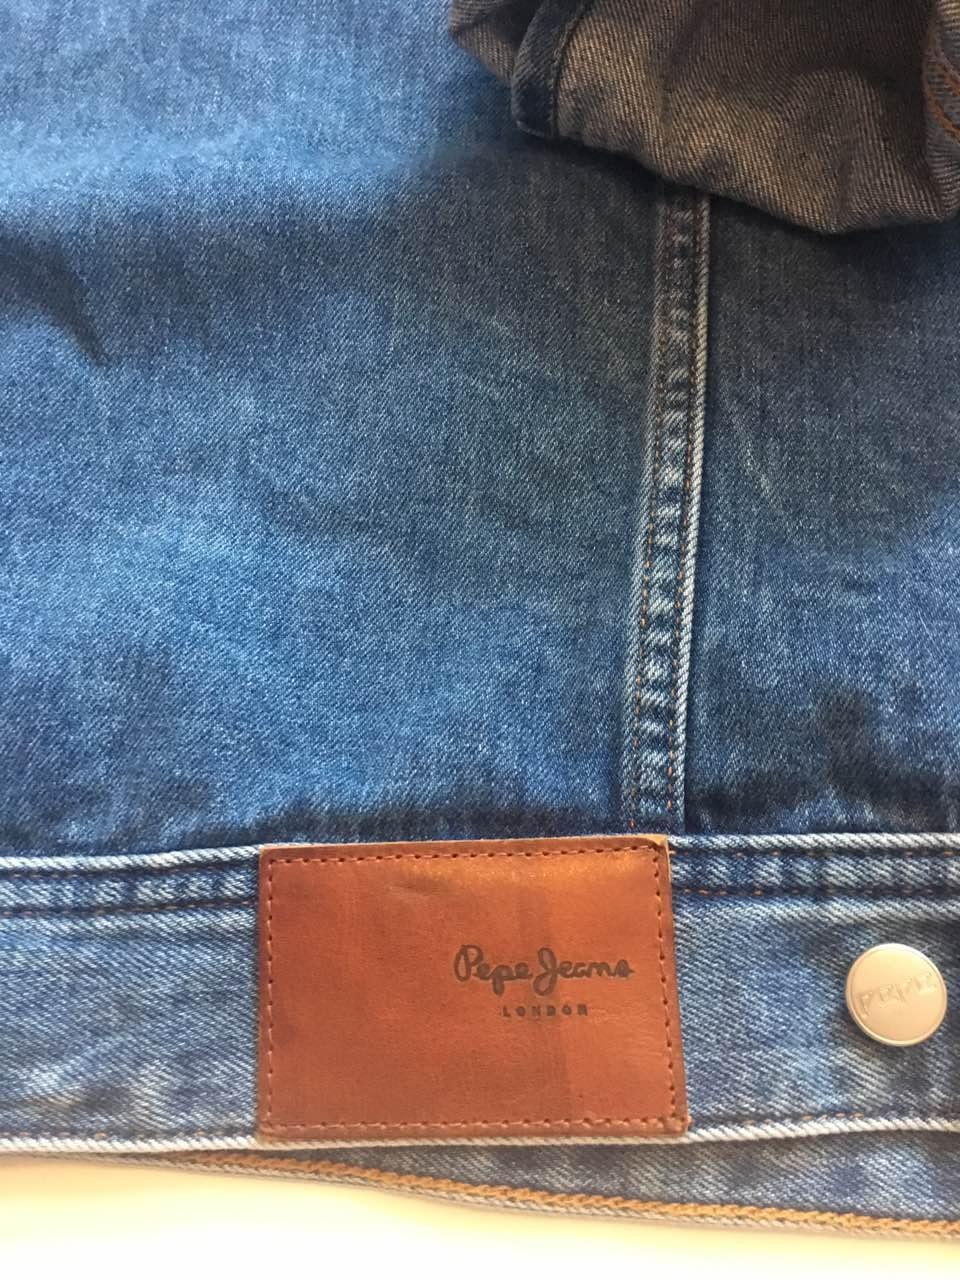 Куртка Pepe Jeans, оверсайз